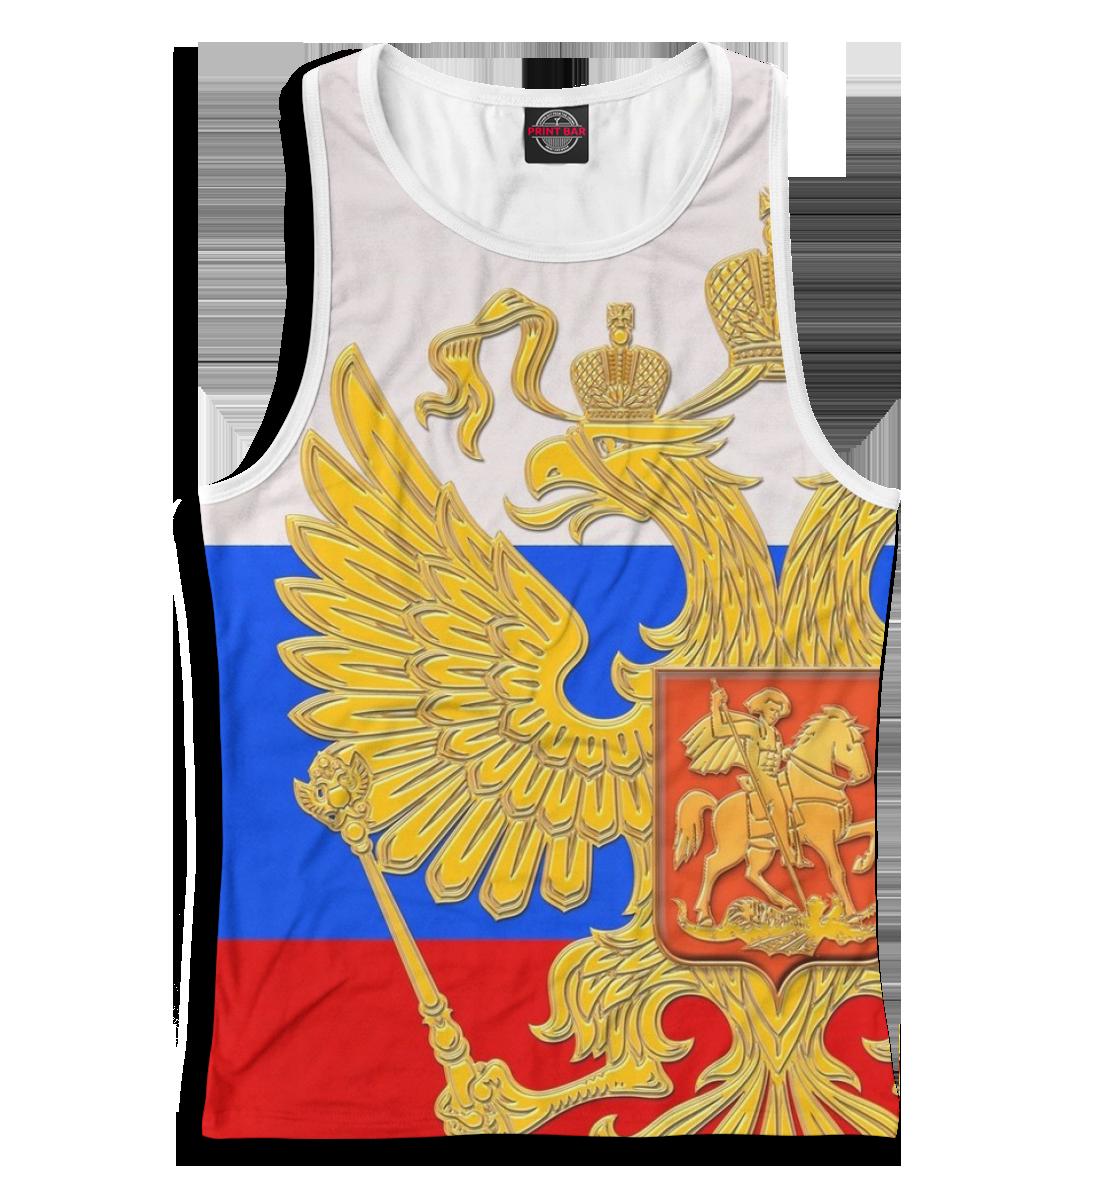 Купить Триколор и герб, Printbar, Майки борцовки, SRF-406157-mayb-1